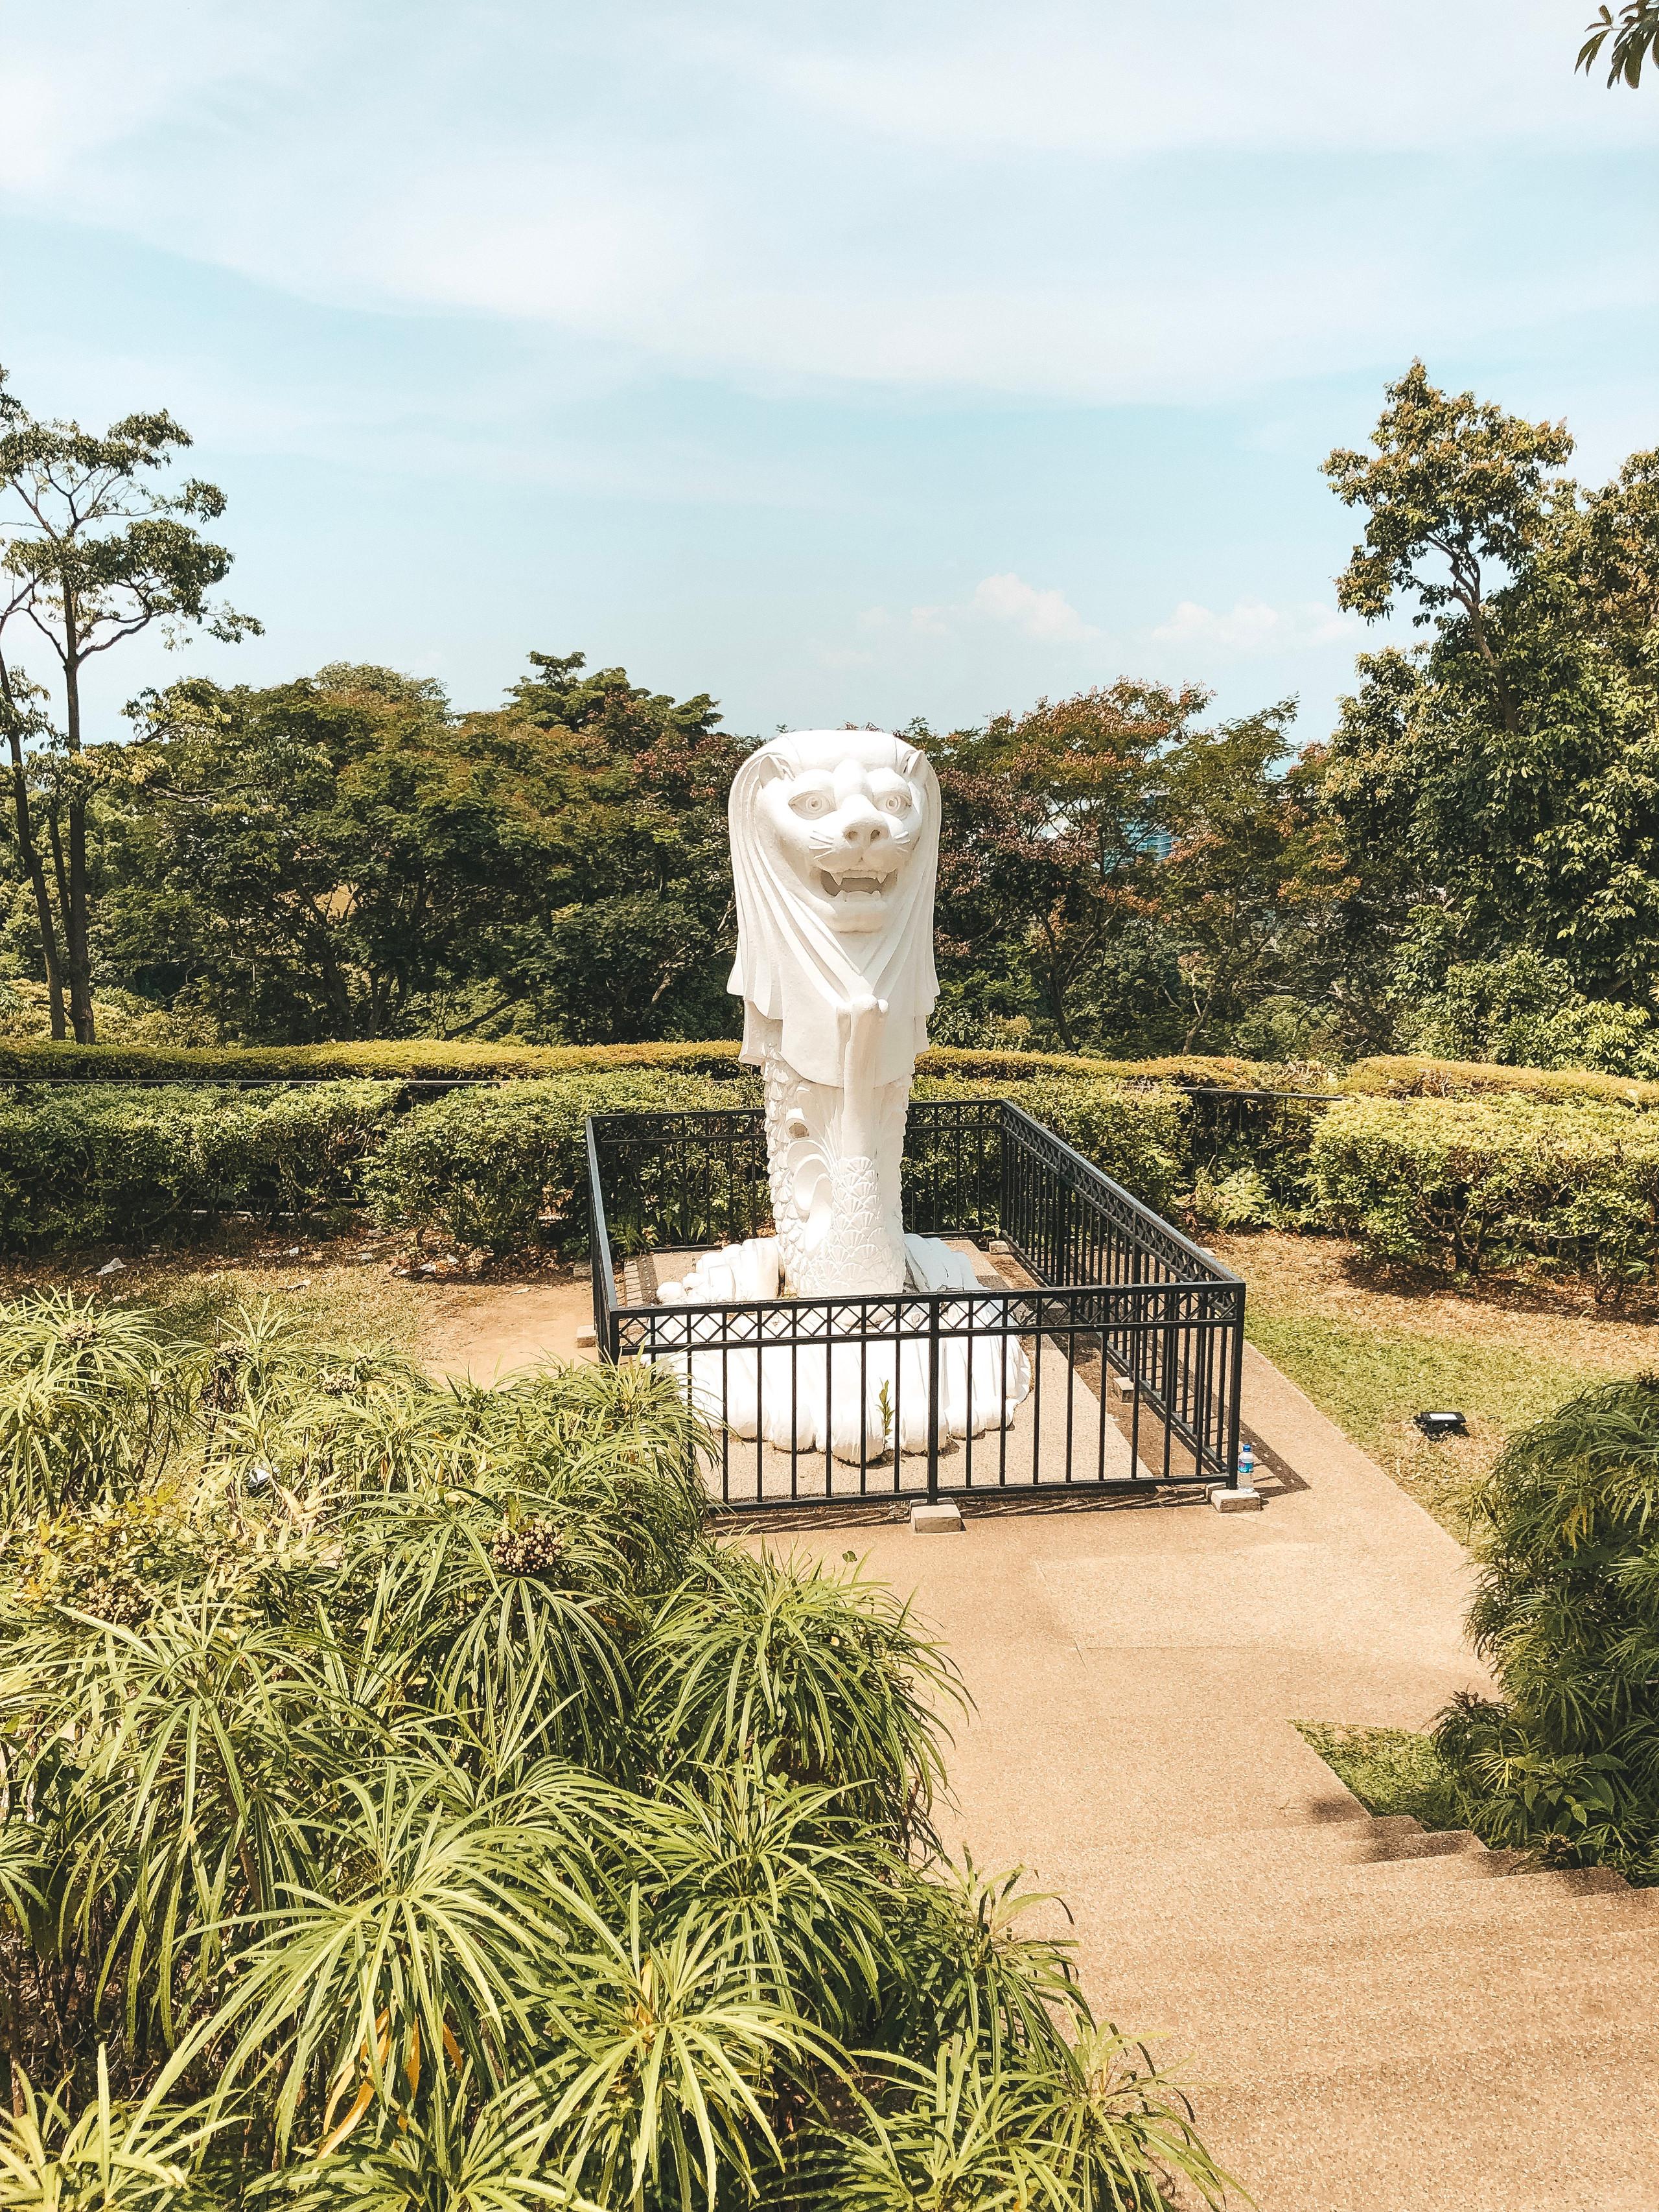 mount faber park merlion southern ridges singapore